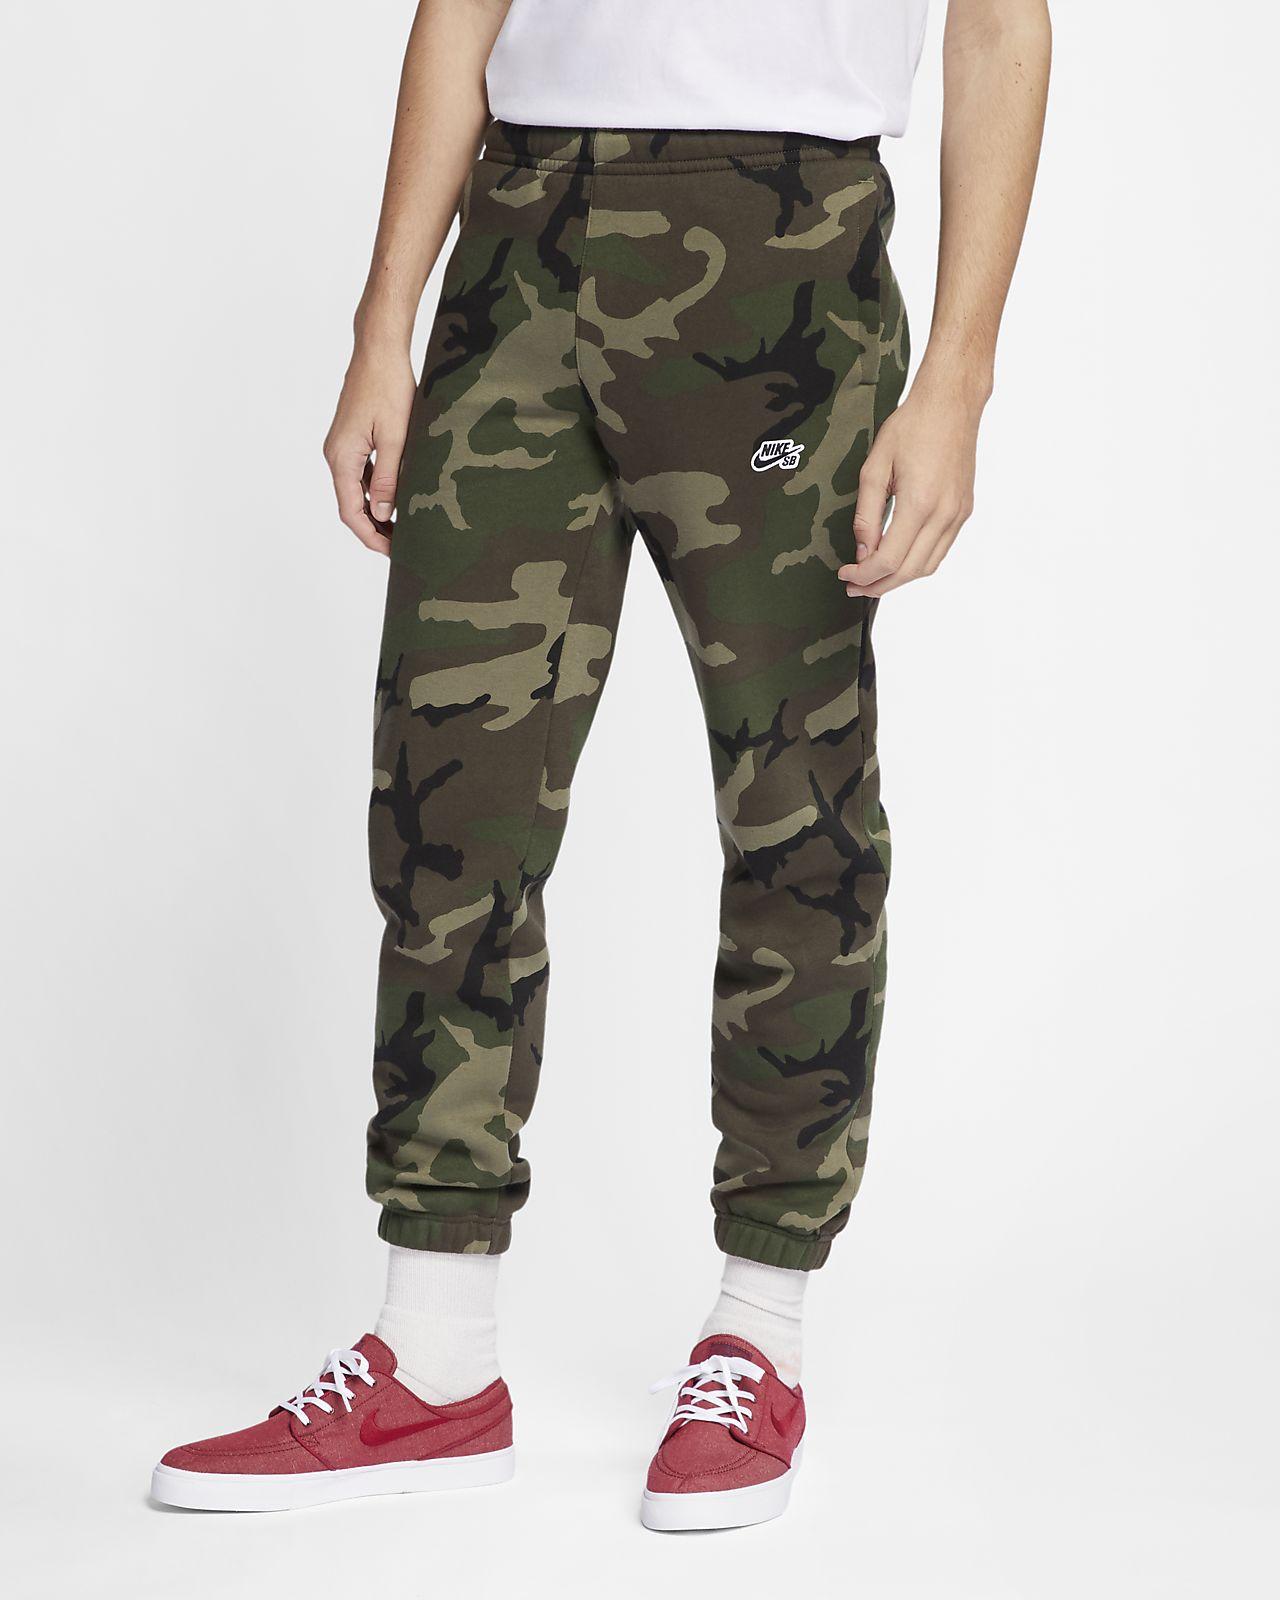 91facc4a908e Nike SB Icon Men s Camo Skate Pants. Nike.com